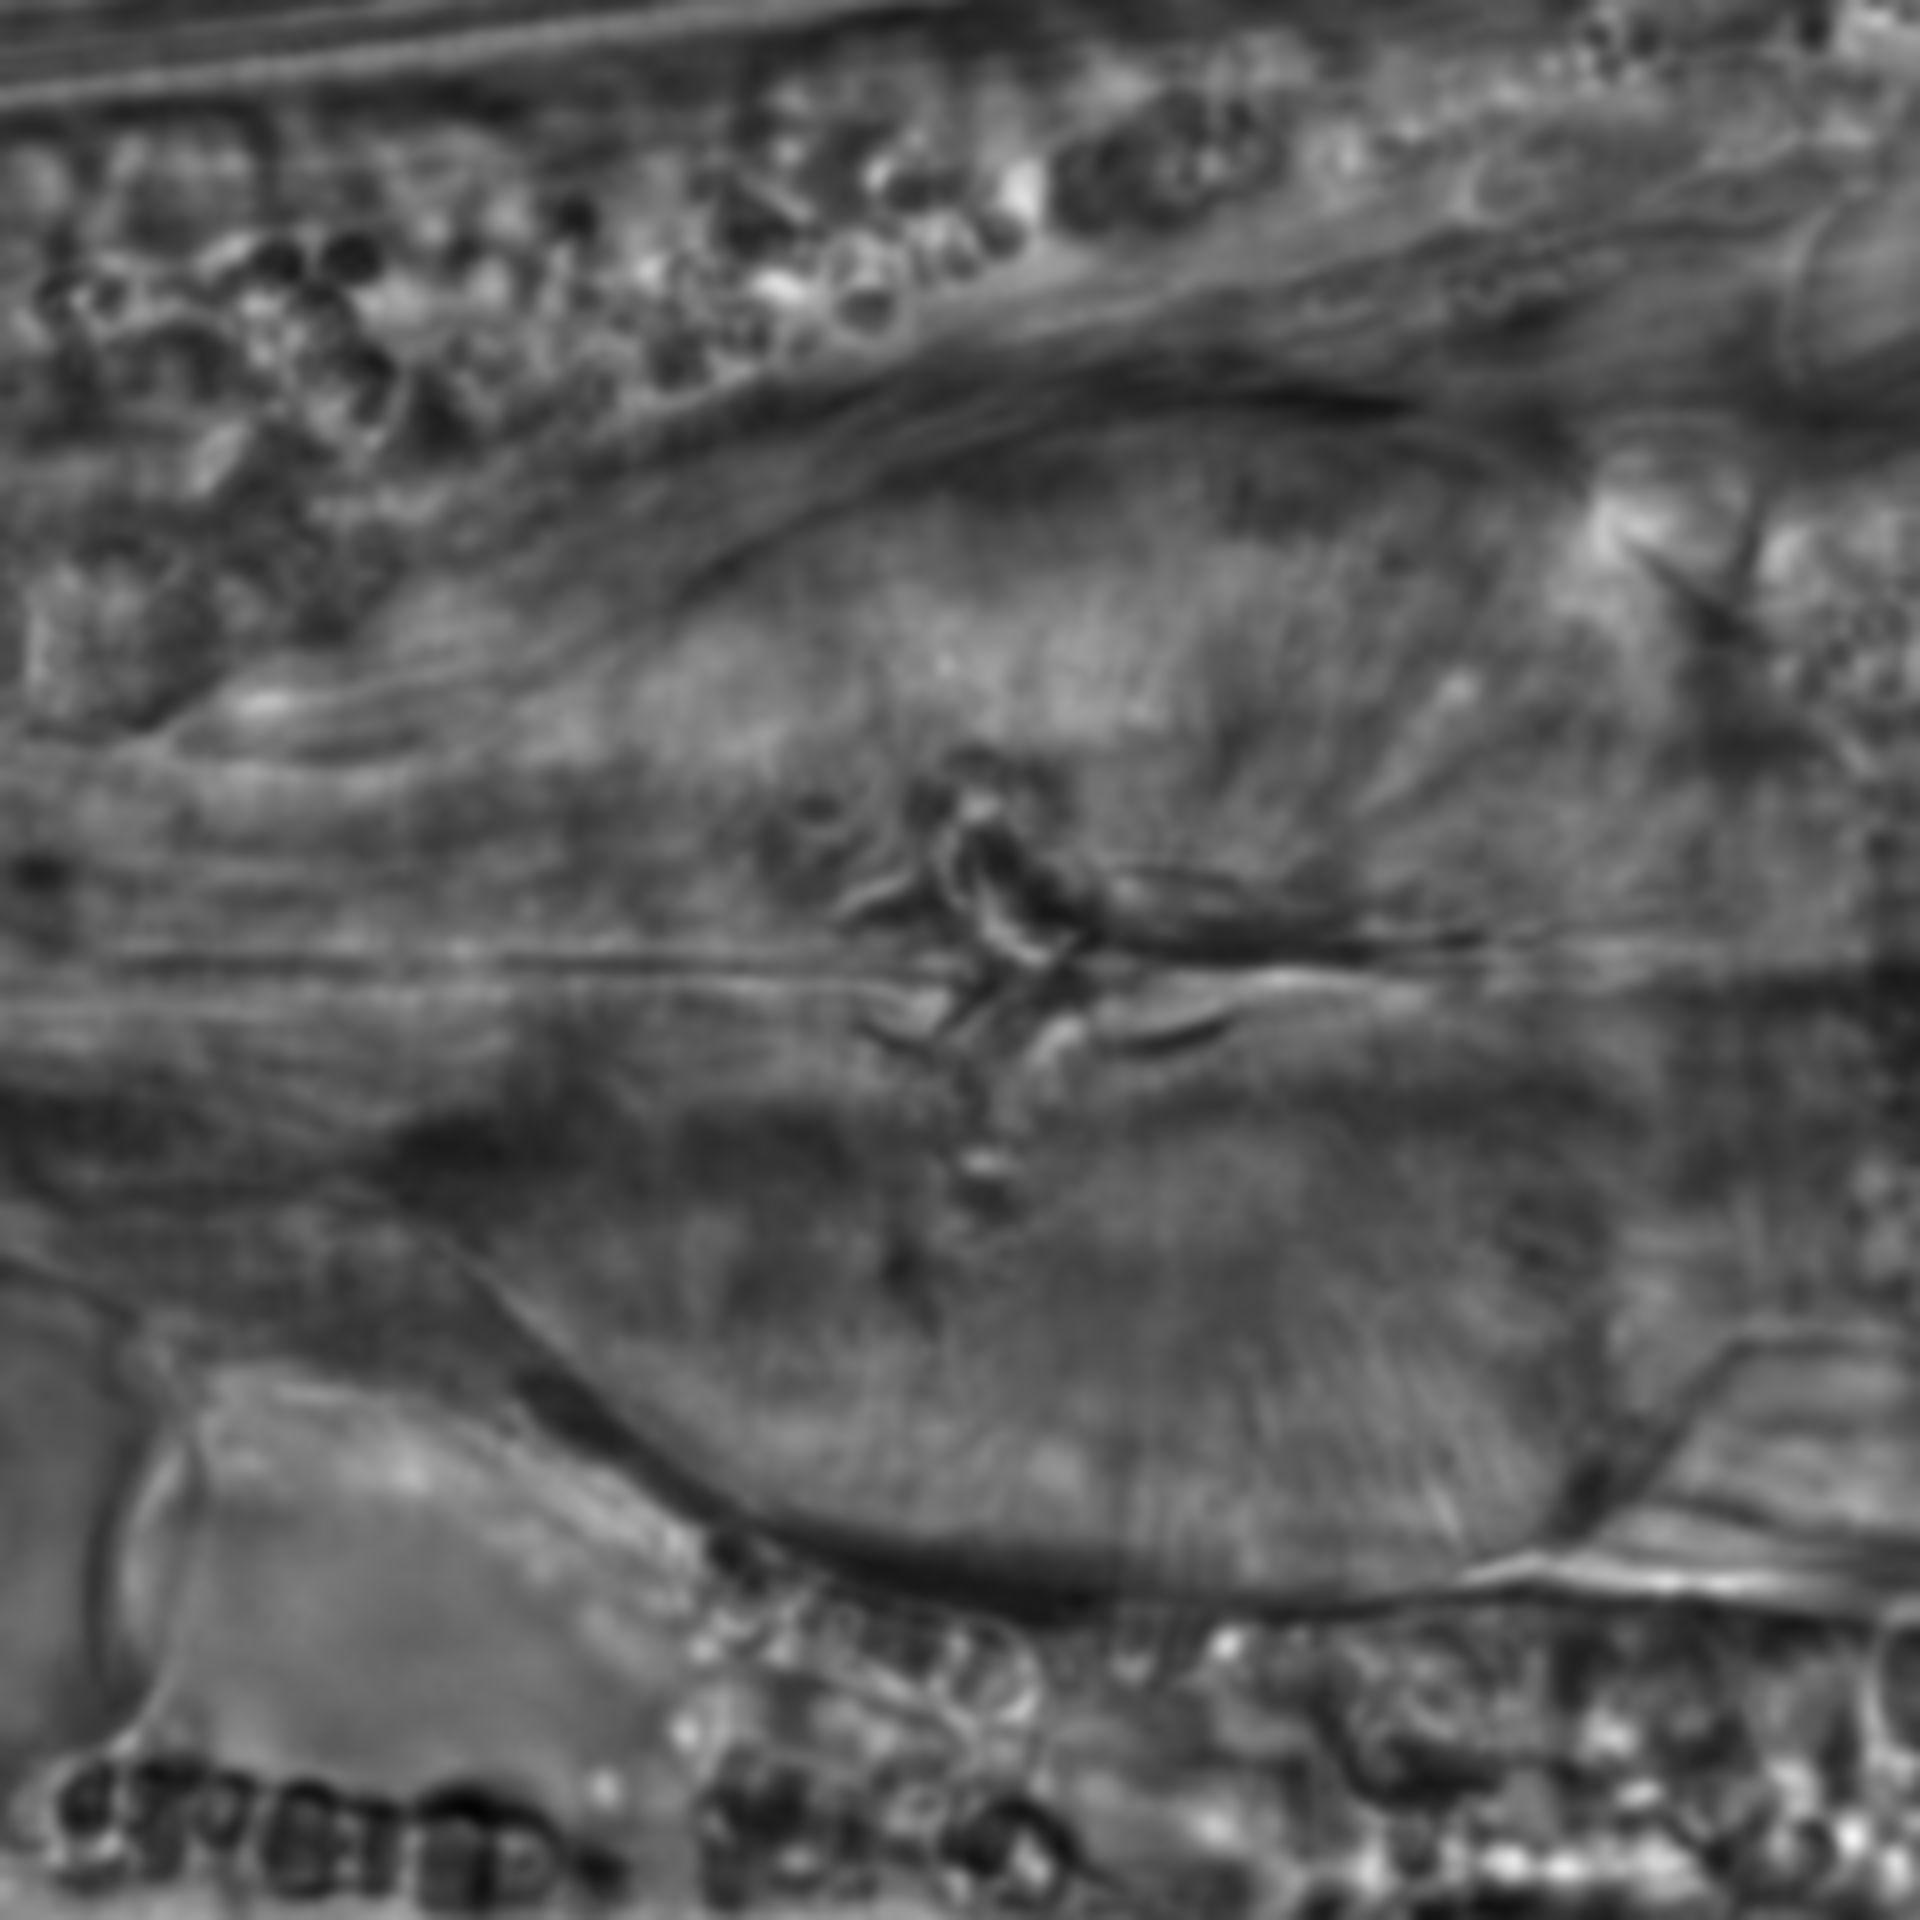 Caenorhabditis elegans - CIL:1791